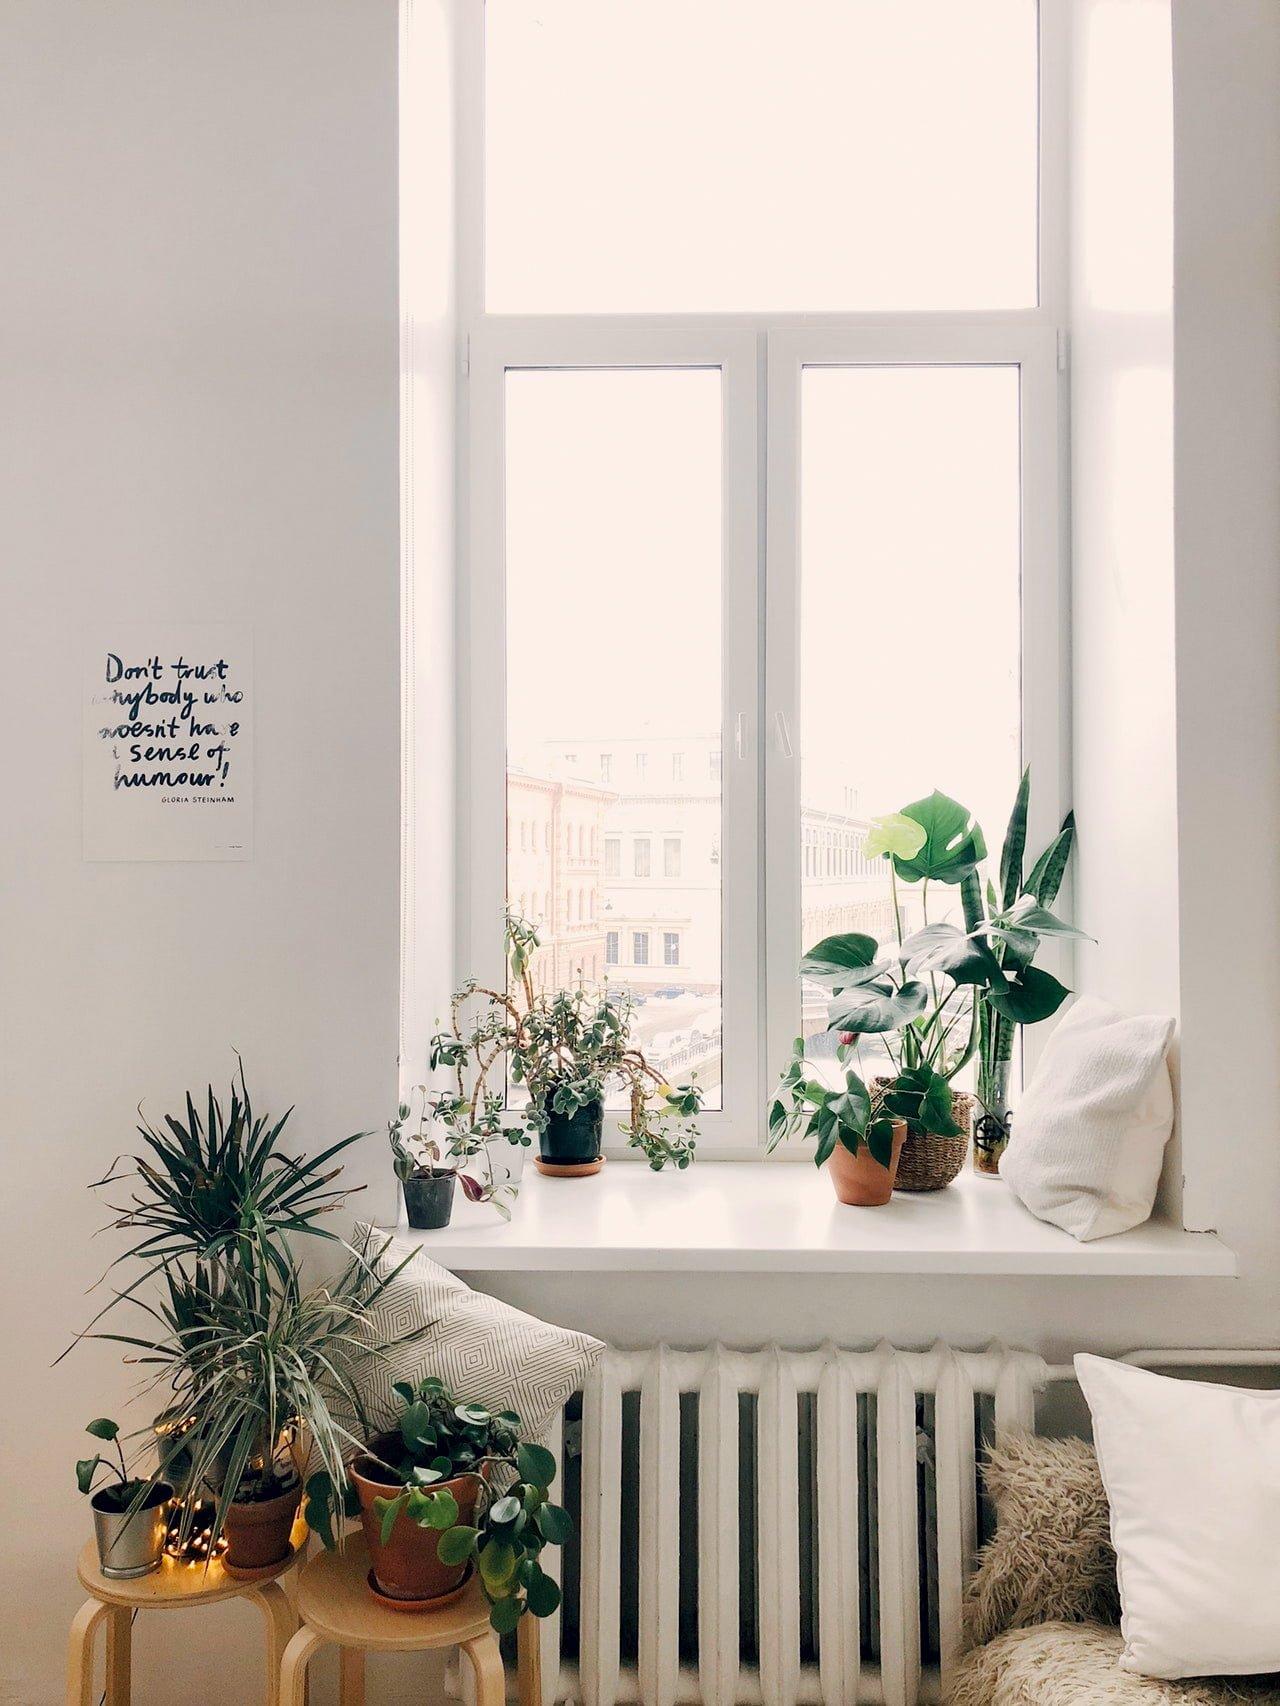 Dekoracja okna w stylu skandynawskim